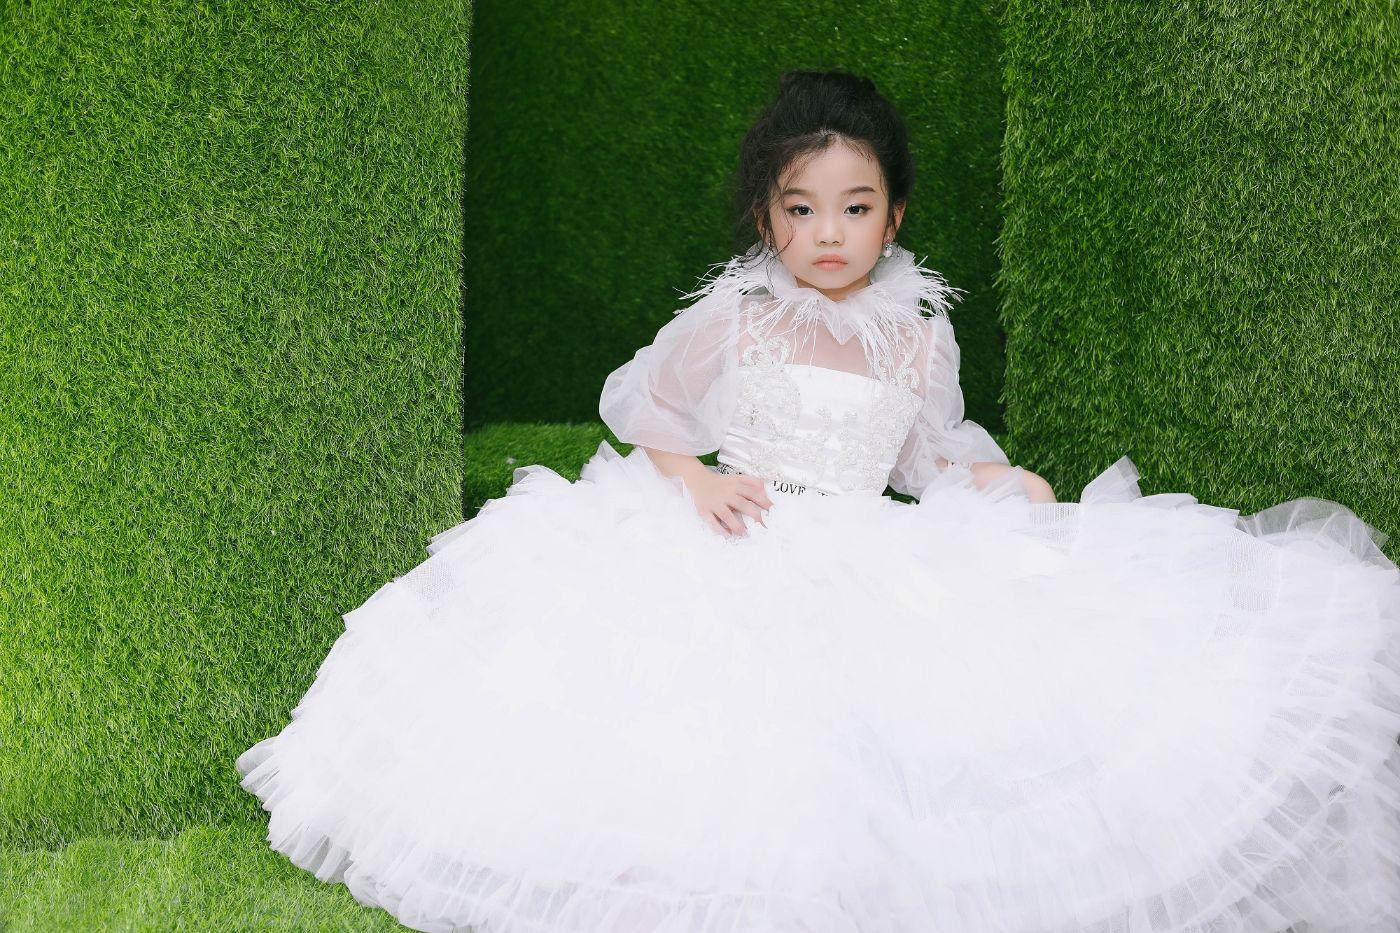 NTK RUBY TRAN MAU NHI QUYNH PHUONG Đêm hội mẫu nhí 2021 – Xúng Xính Show quy tụ 6 nhà thiết kế tài năng